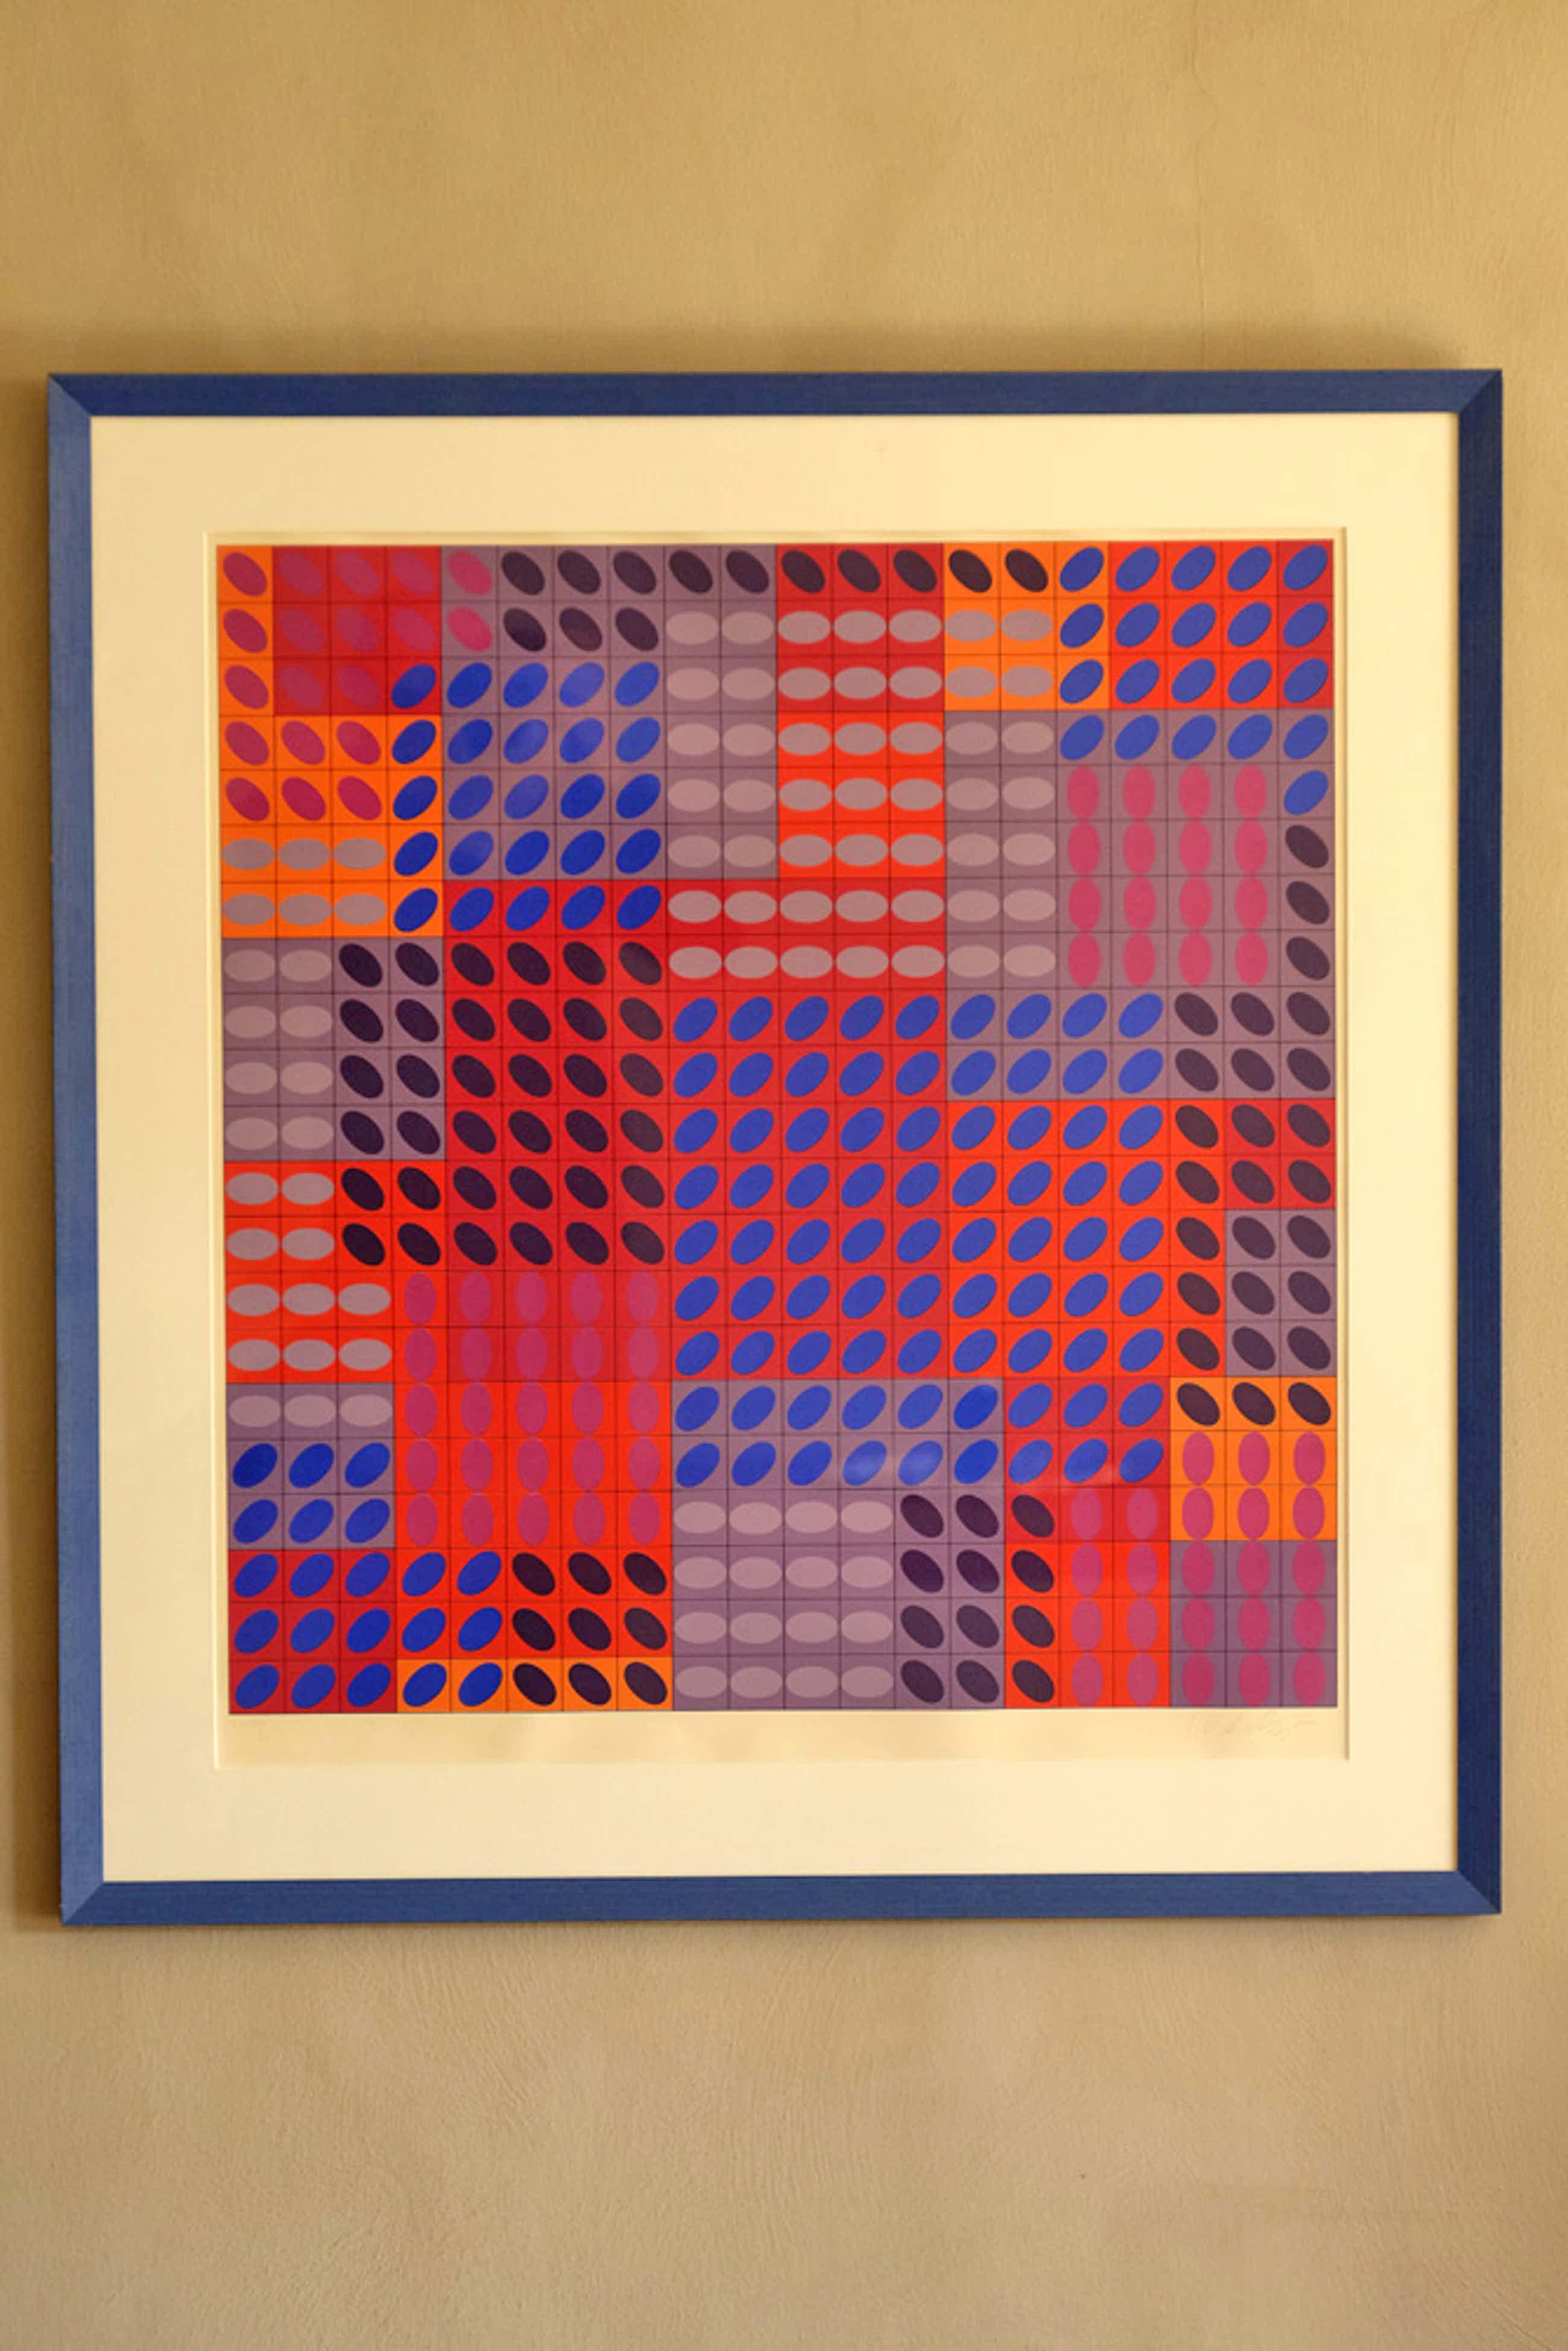 Victor Vasarely - Grote compositie van stippen - kleuren zeefdruk - gesigneerd kopen? Bied vanaf 500!